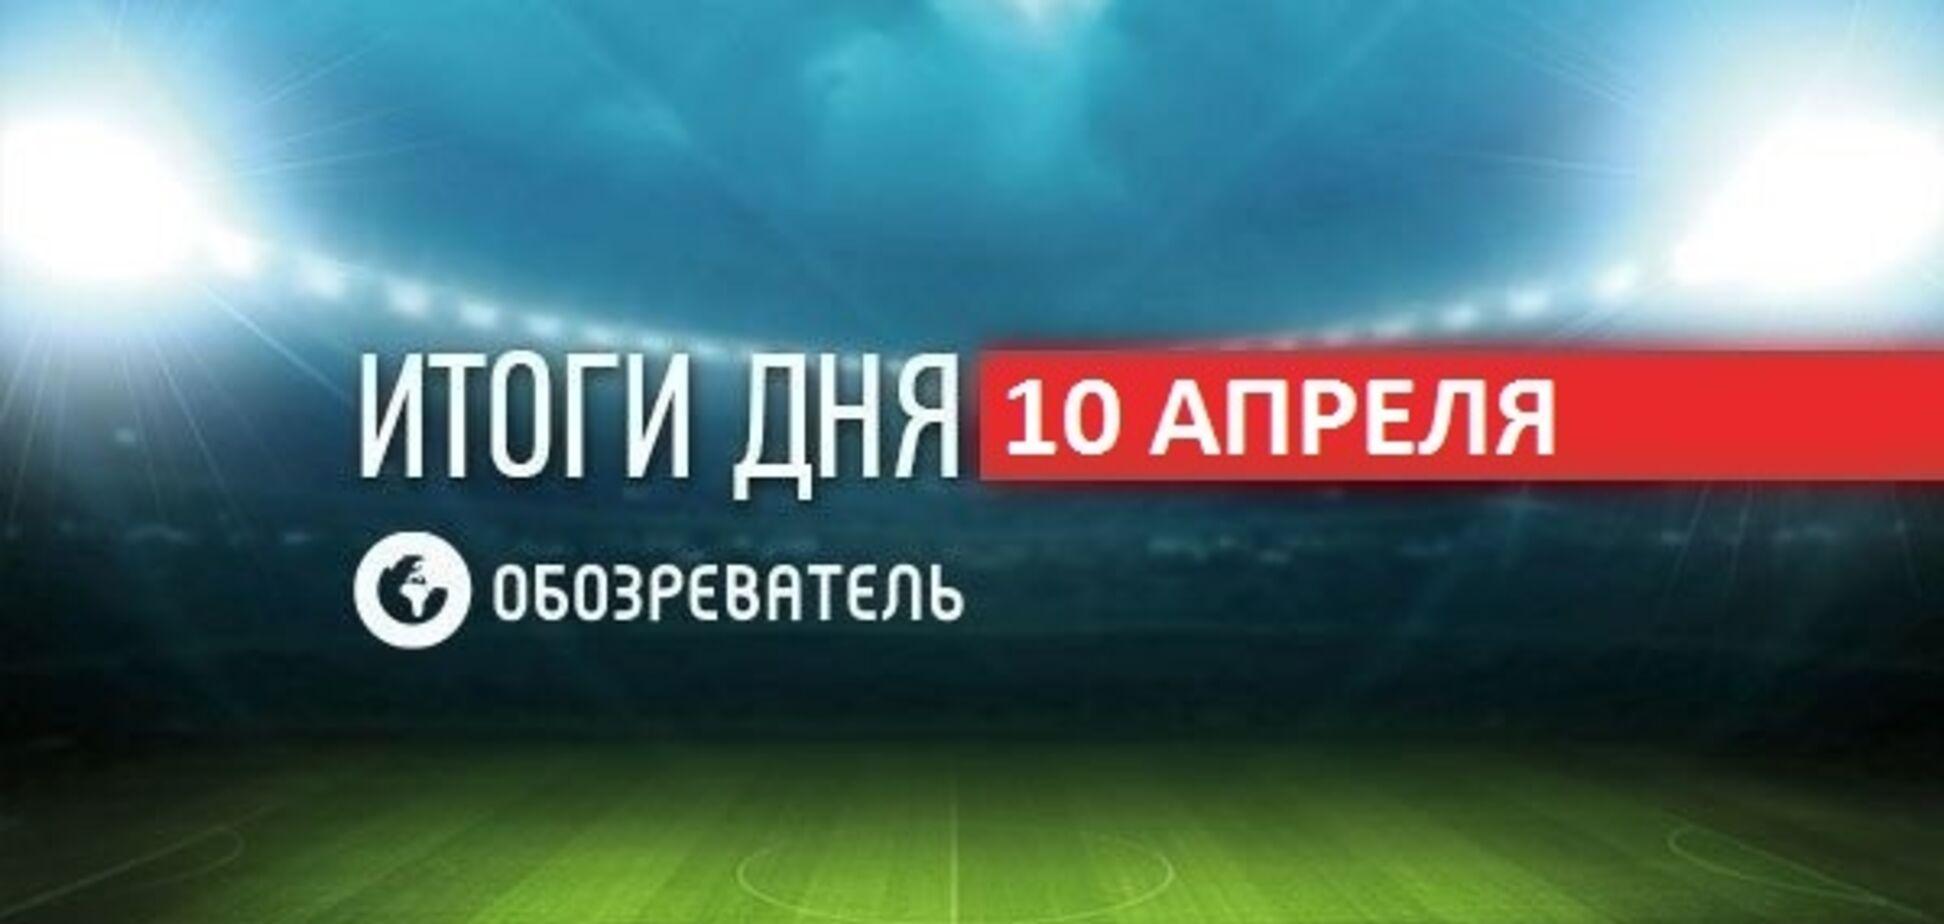 Кличко звернувся до українців: спортивні підсумки 10 квітня